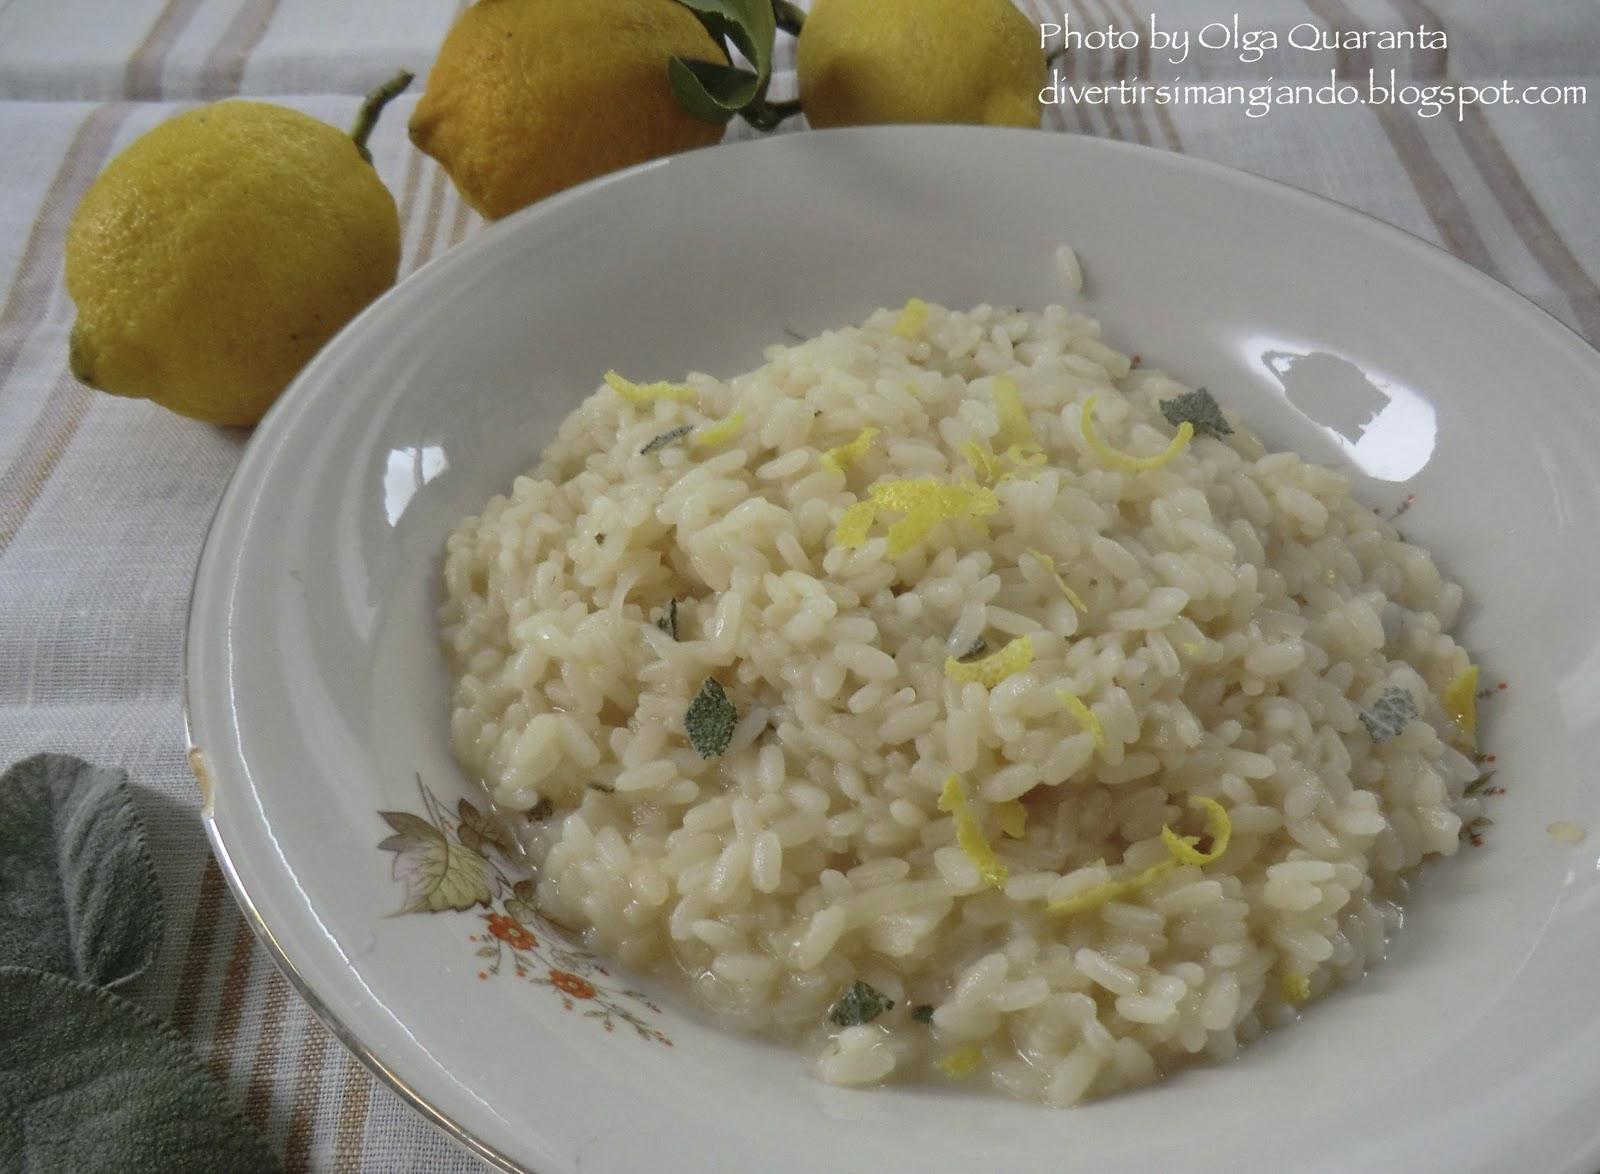 divertirsi mangiando: risotto al limone e salvia - Cosa Cucinare Oggi A Pranzo